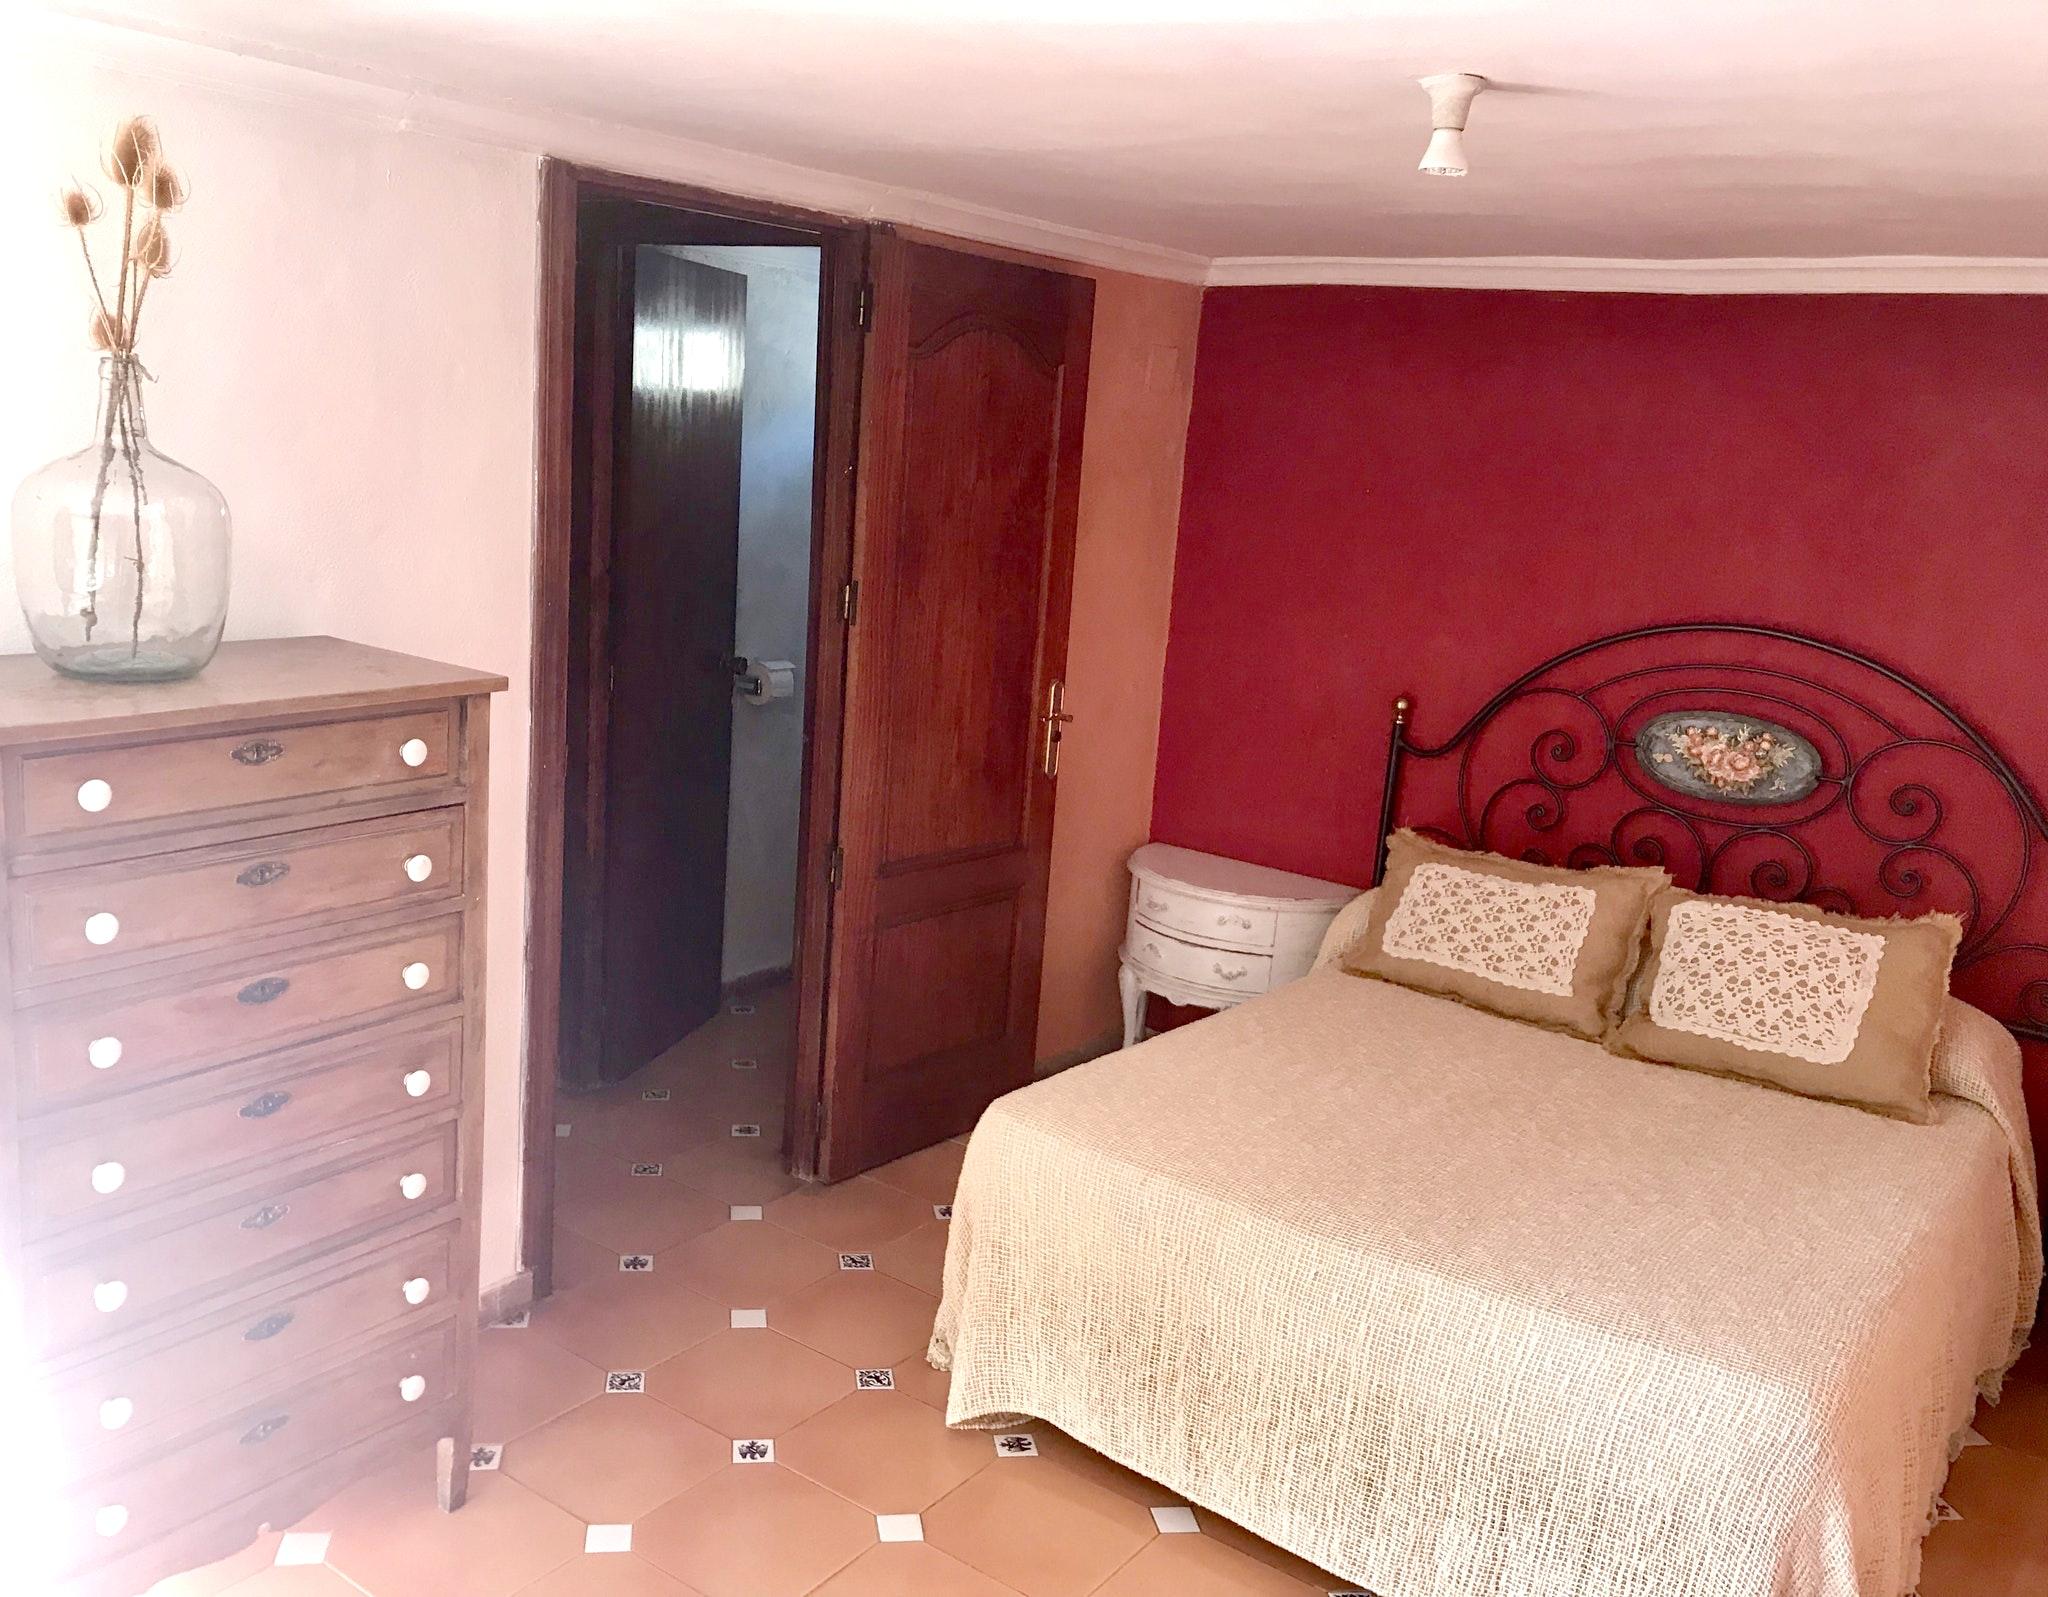 Maison de vacances Hütte mit 4 Schlafzimmern in Camarena de la Sierra mit toller Aussicht auf die Berge, priv (2474258), Camarena de la Sierra, Teruel, Aragon, Espagne, image 23